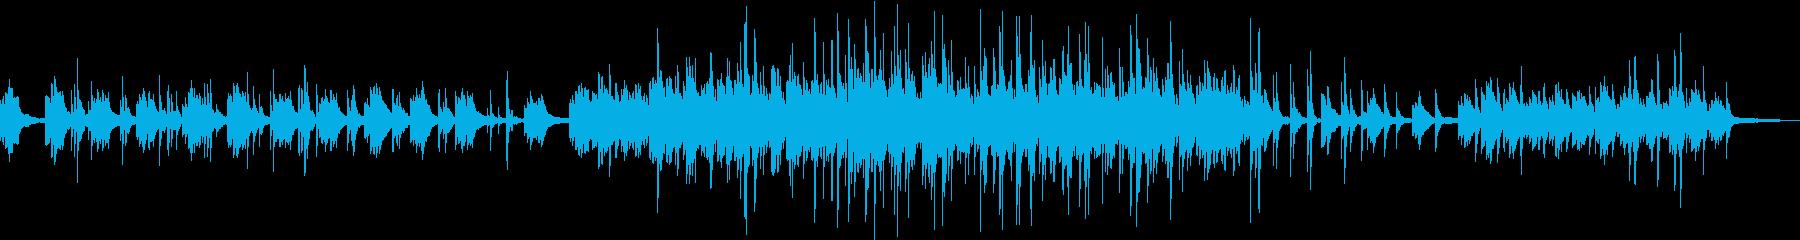 静かな海の様なヒーリングピアノバラード の再生済みの波形